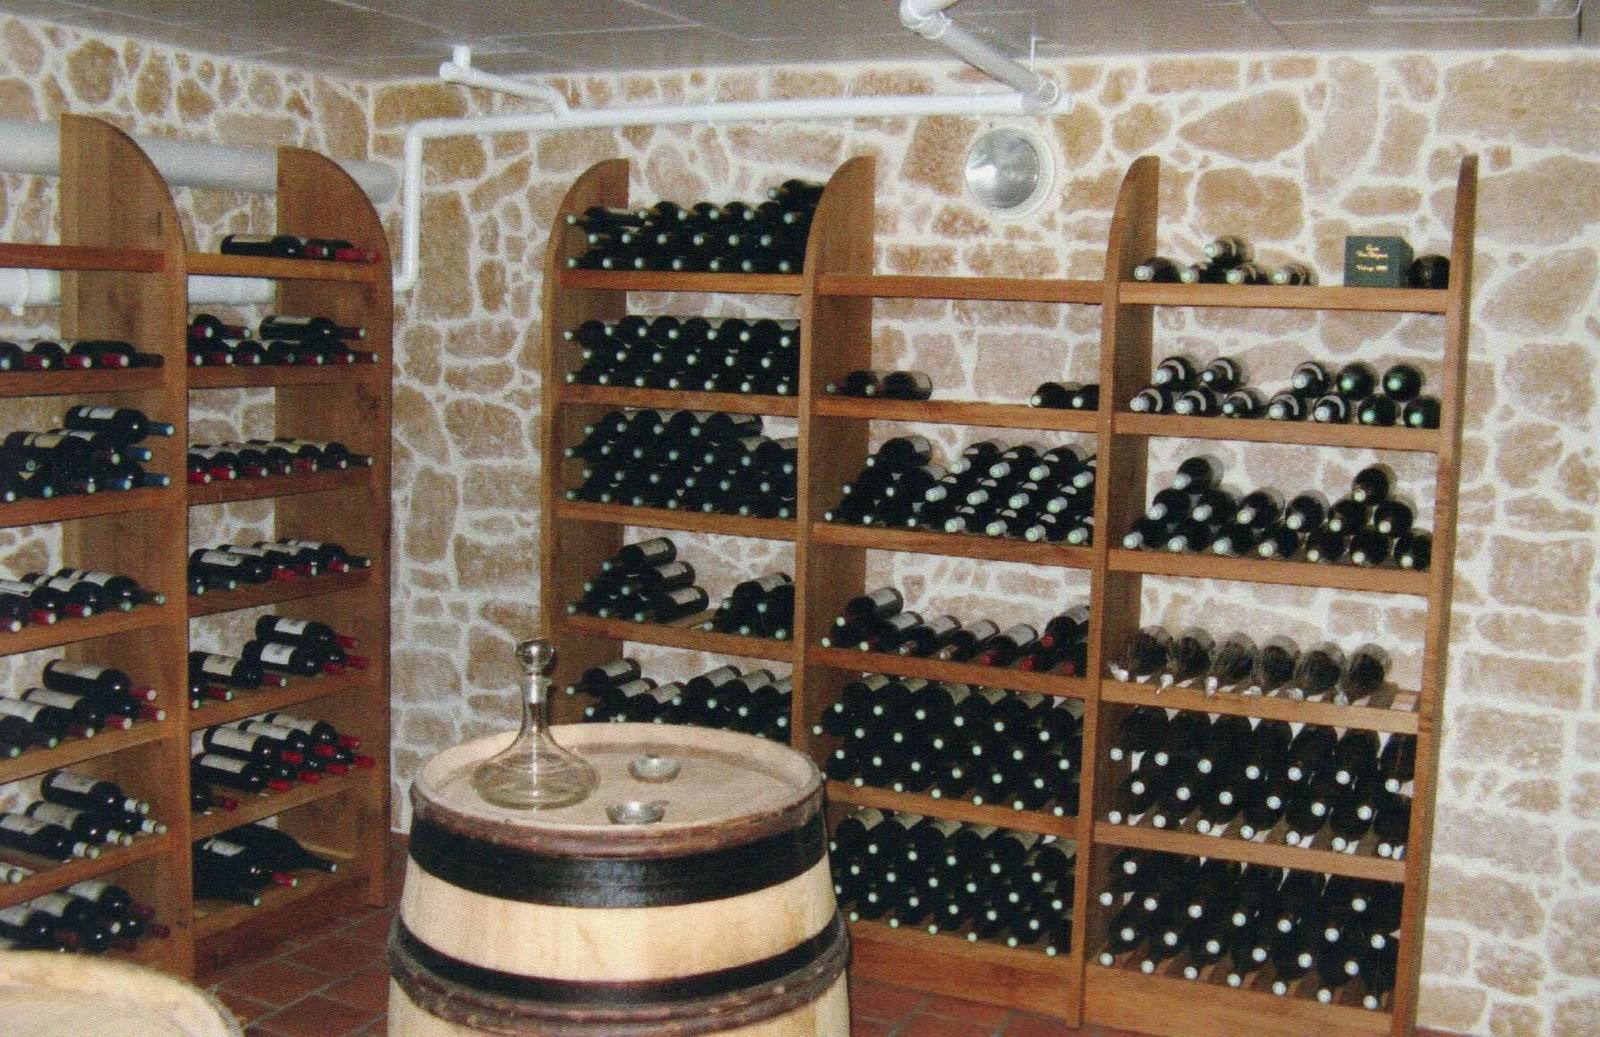 Construire sa cave a vin en bois - Construire sa cave a vin en bois ...